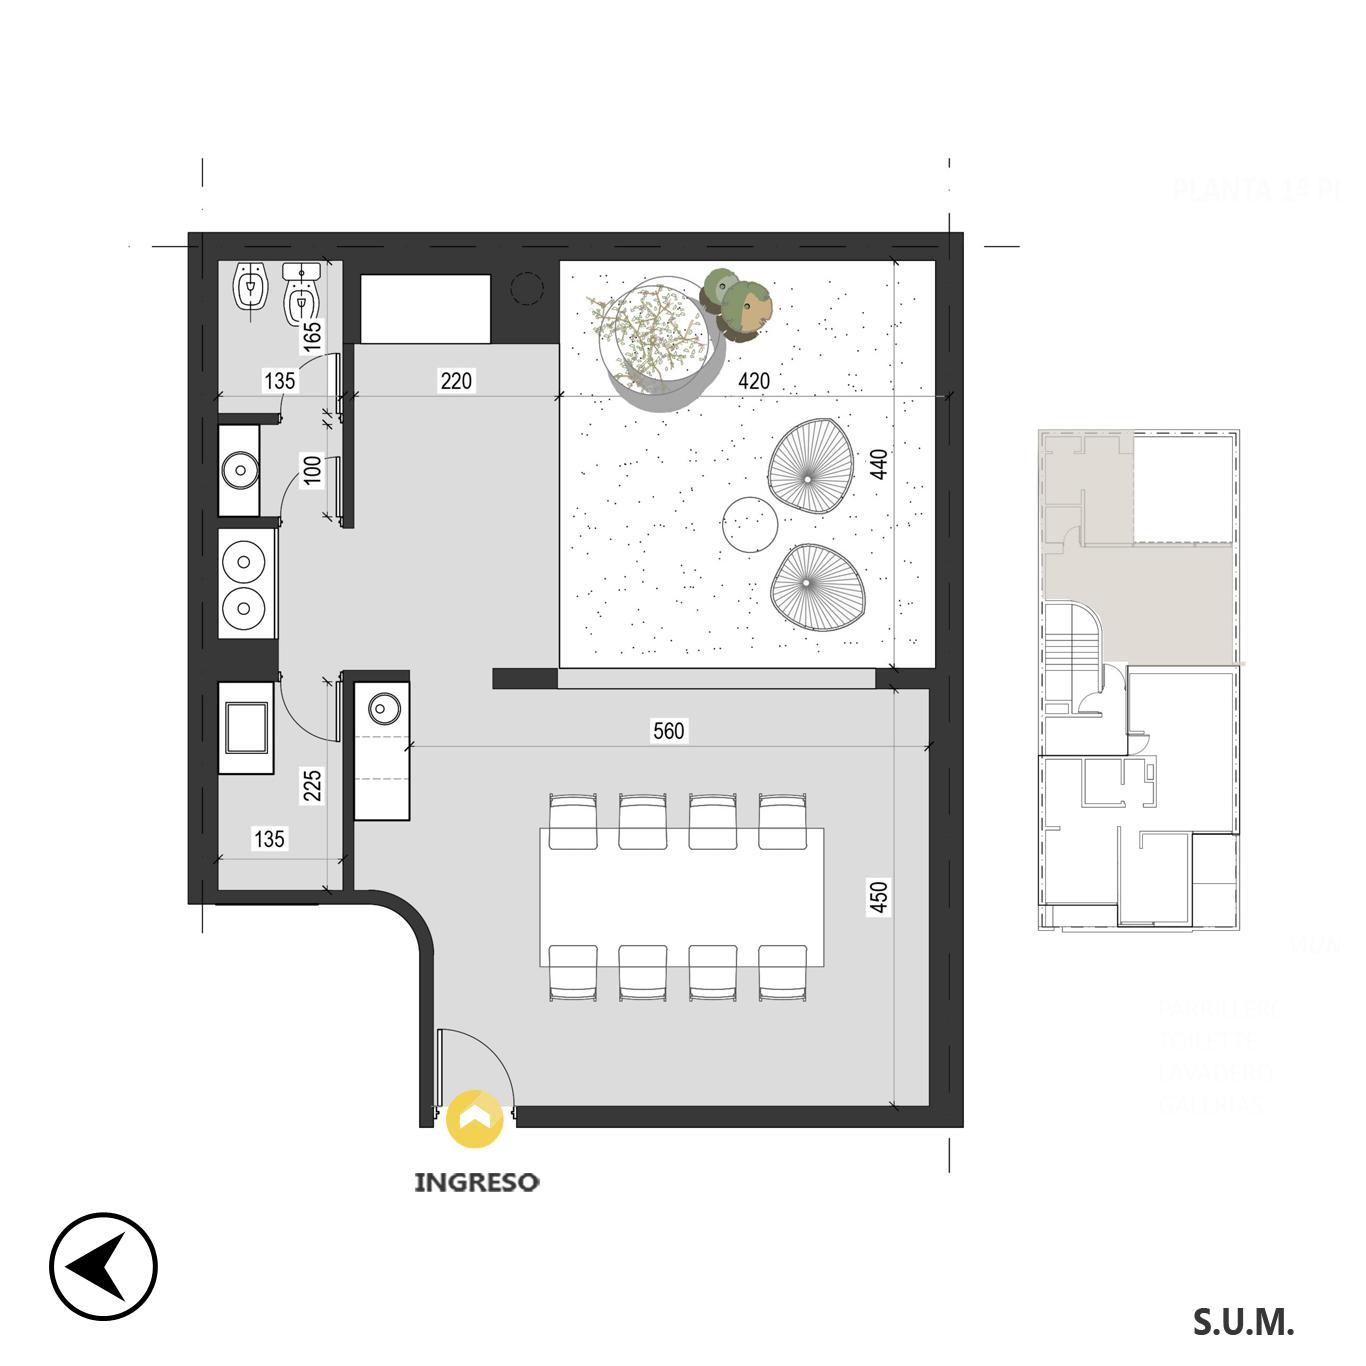 Venta departamento 1 dormitorio Rosario, Pichincha. Cod CBU24211 AP2259280. Crestale Propiedades